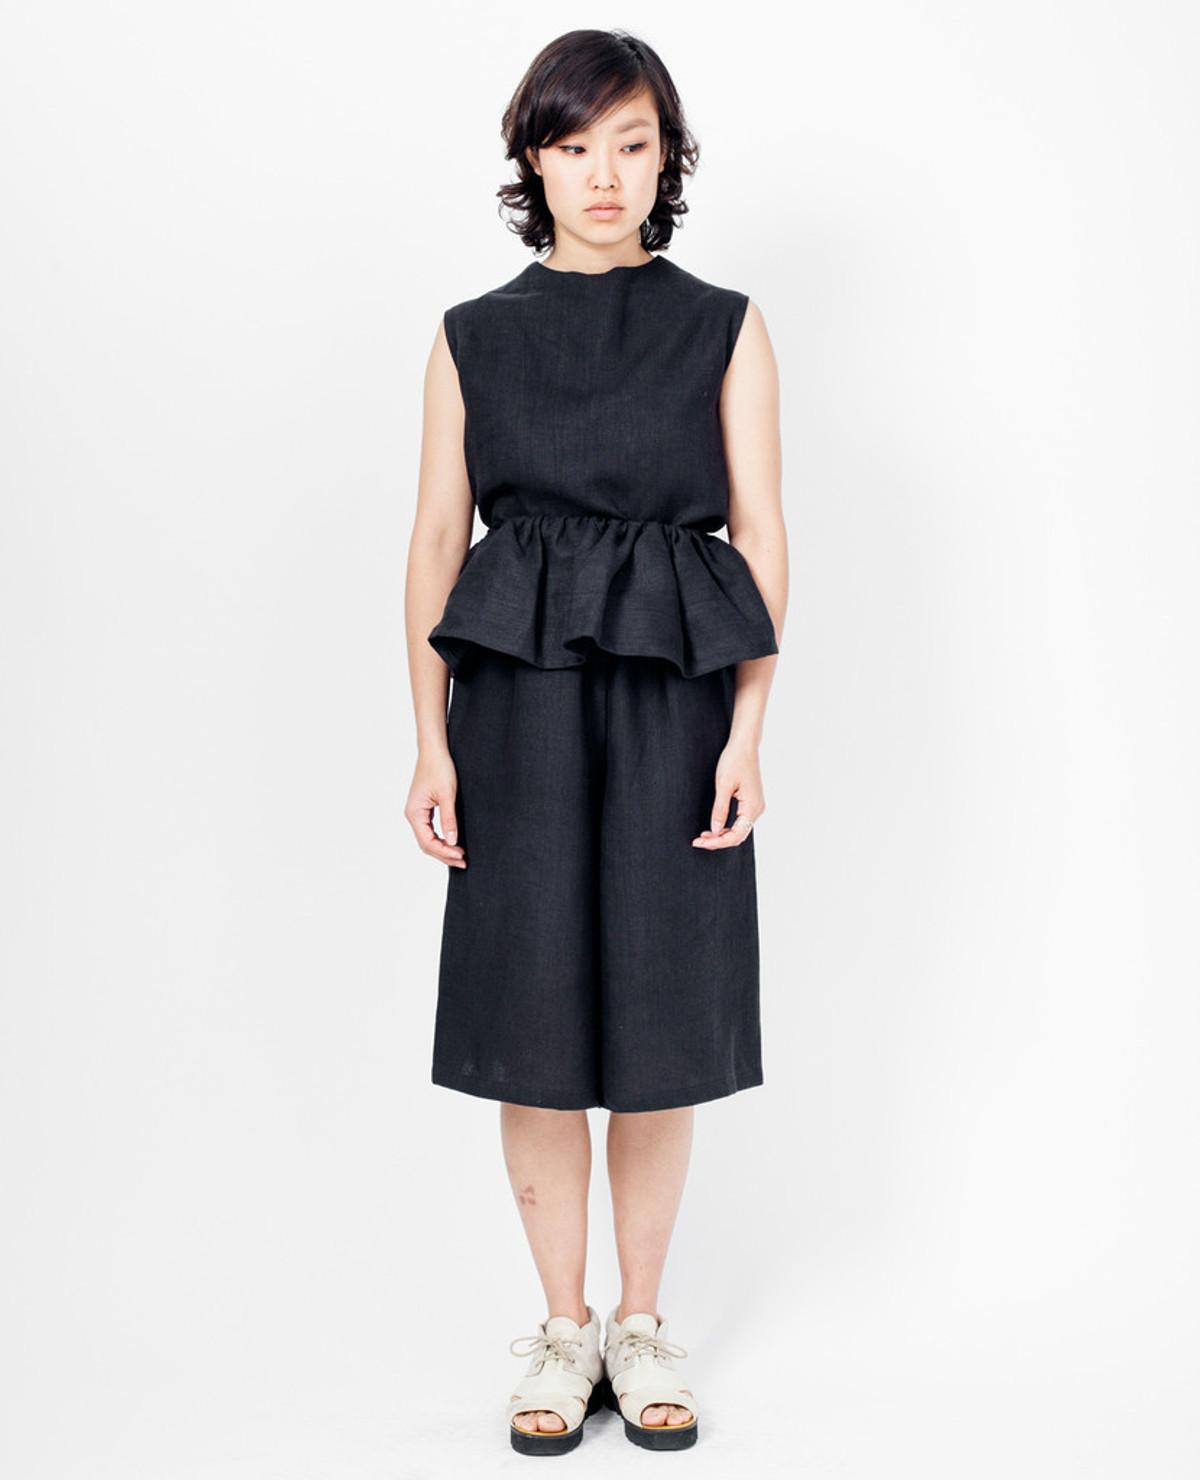 Theiss Top - Black Linen